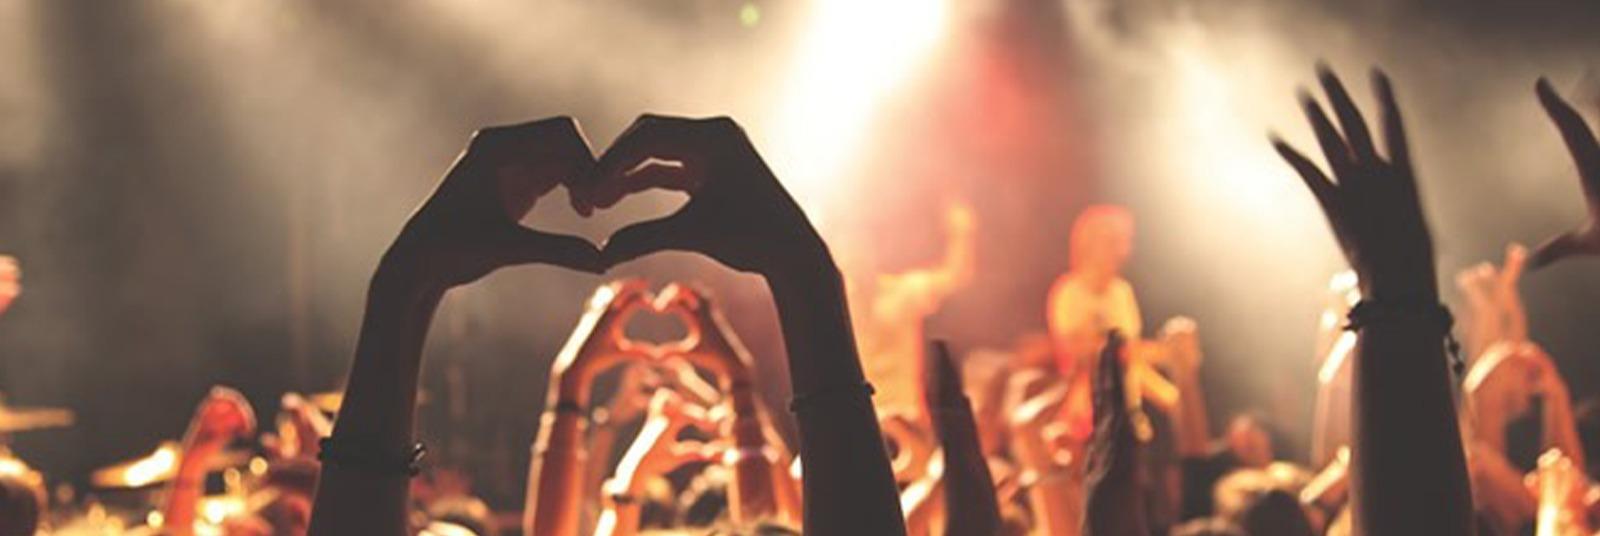 Cum sa te imbraci la un festival de muzica?